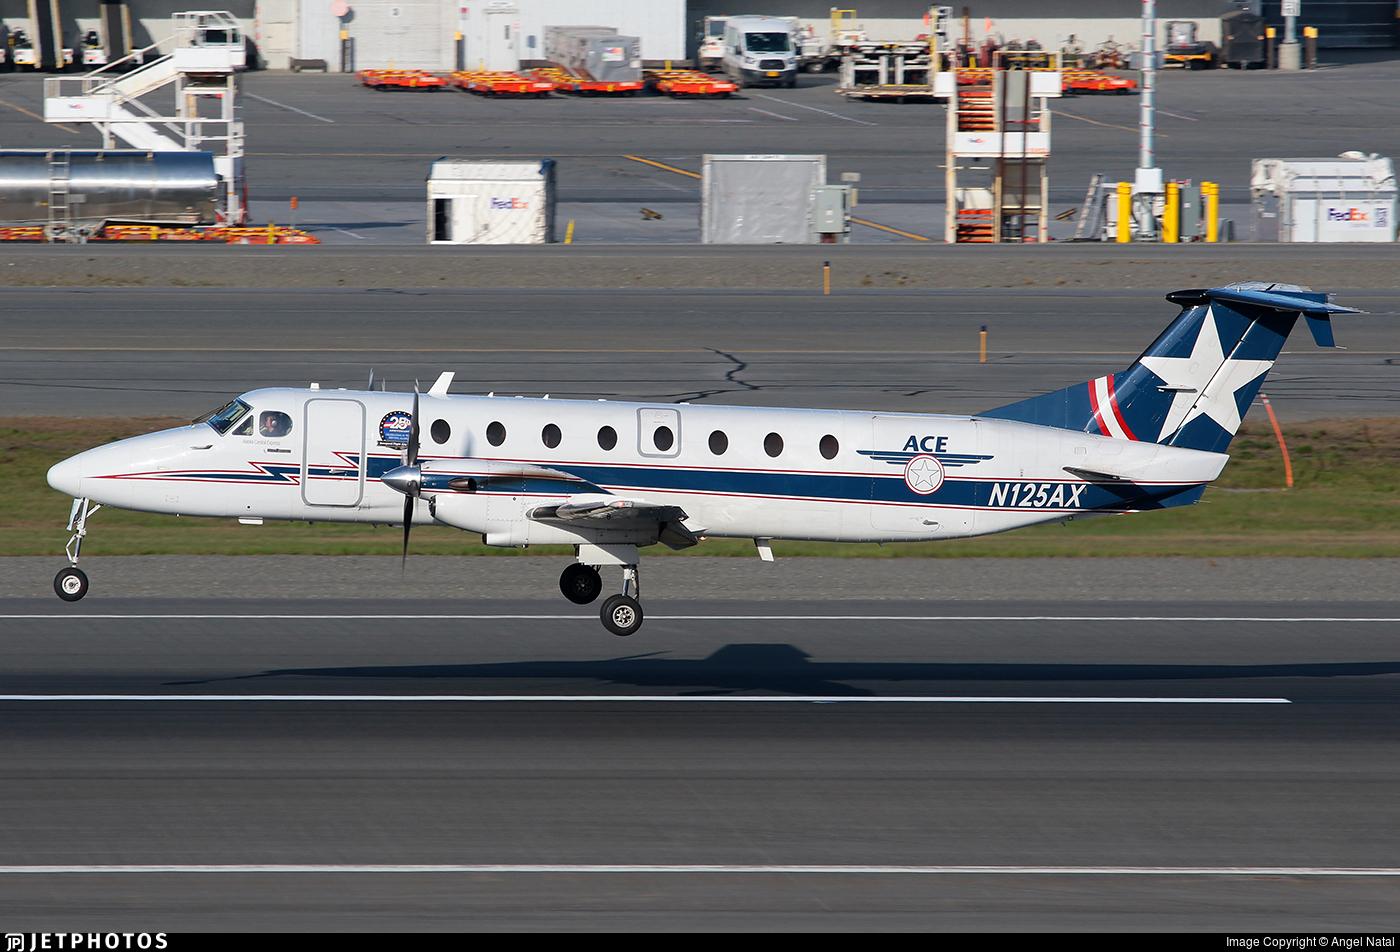 N125AX - Beechcraft 1900C - Alaska Central Express